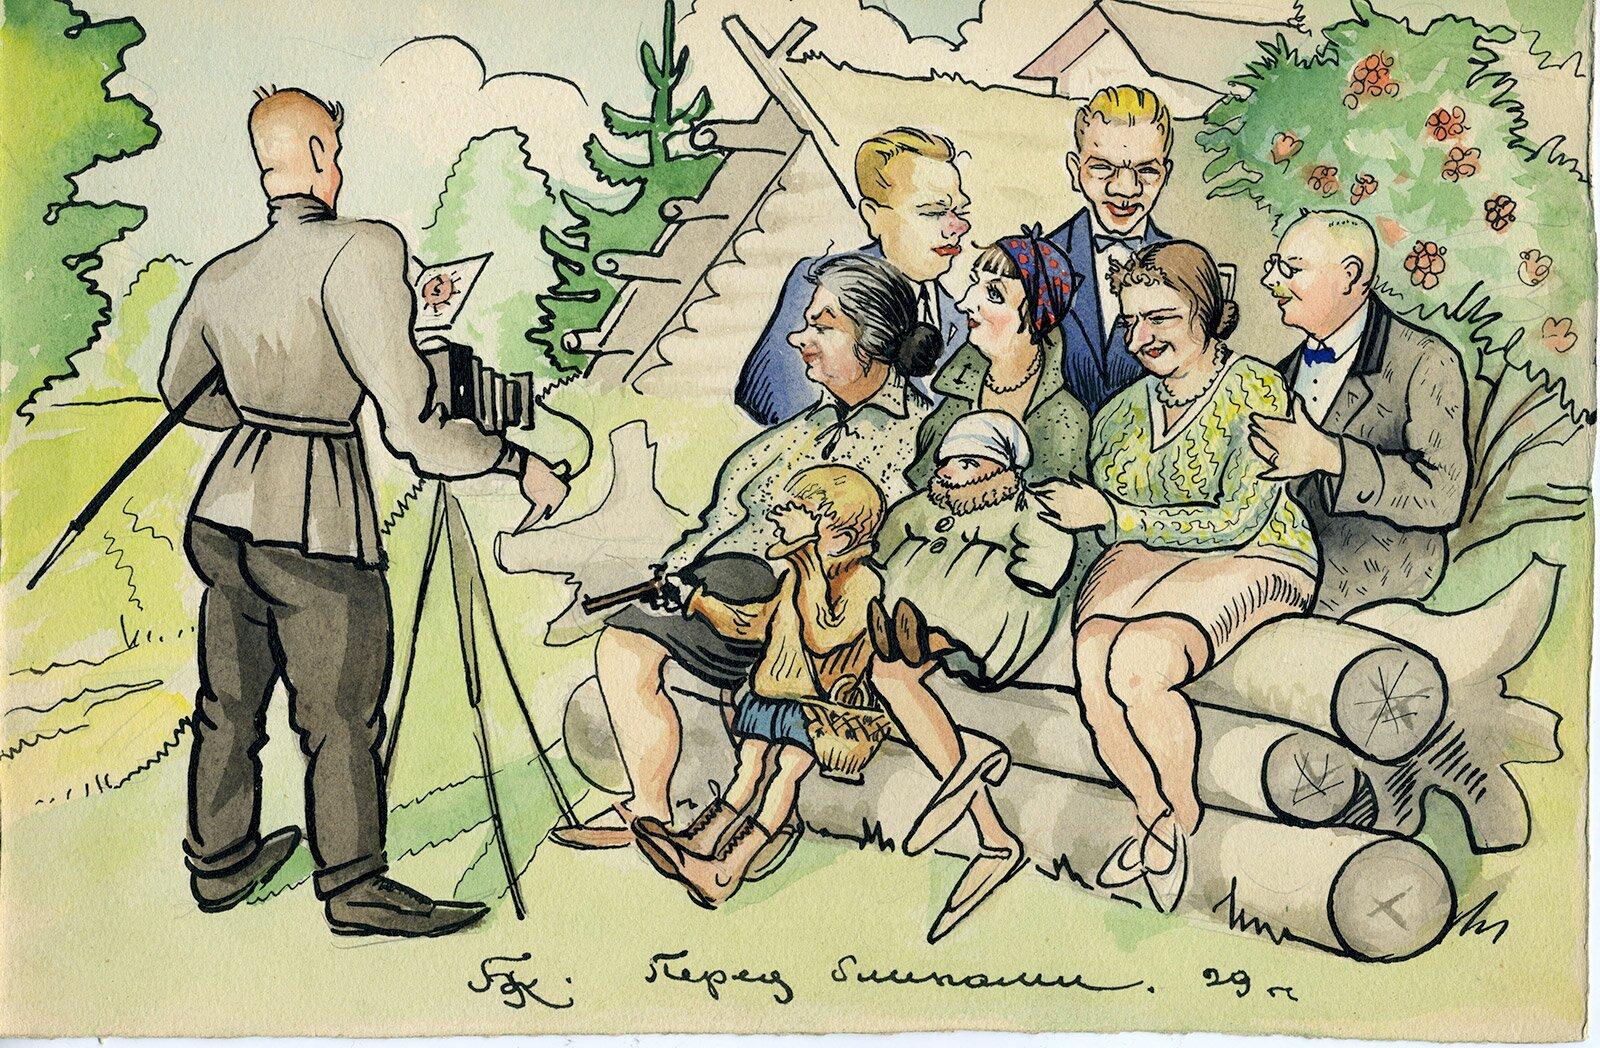 Б. Кноблок. Перед блинами. 1929 год. Из собрания семьи Кноблоков